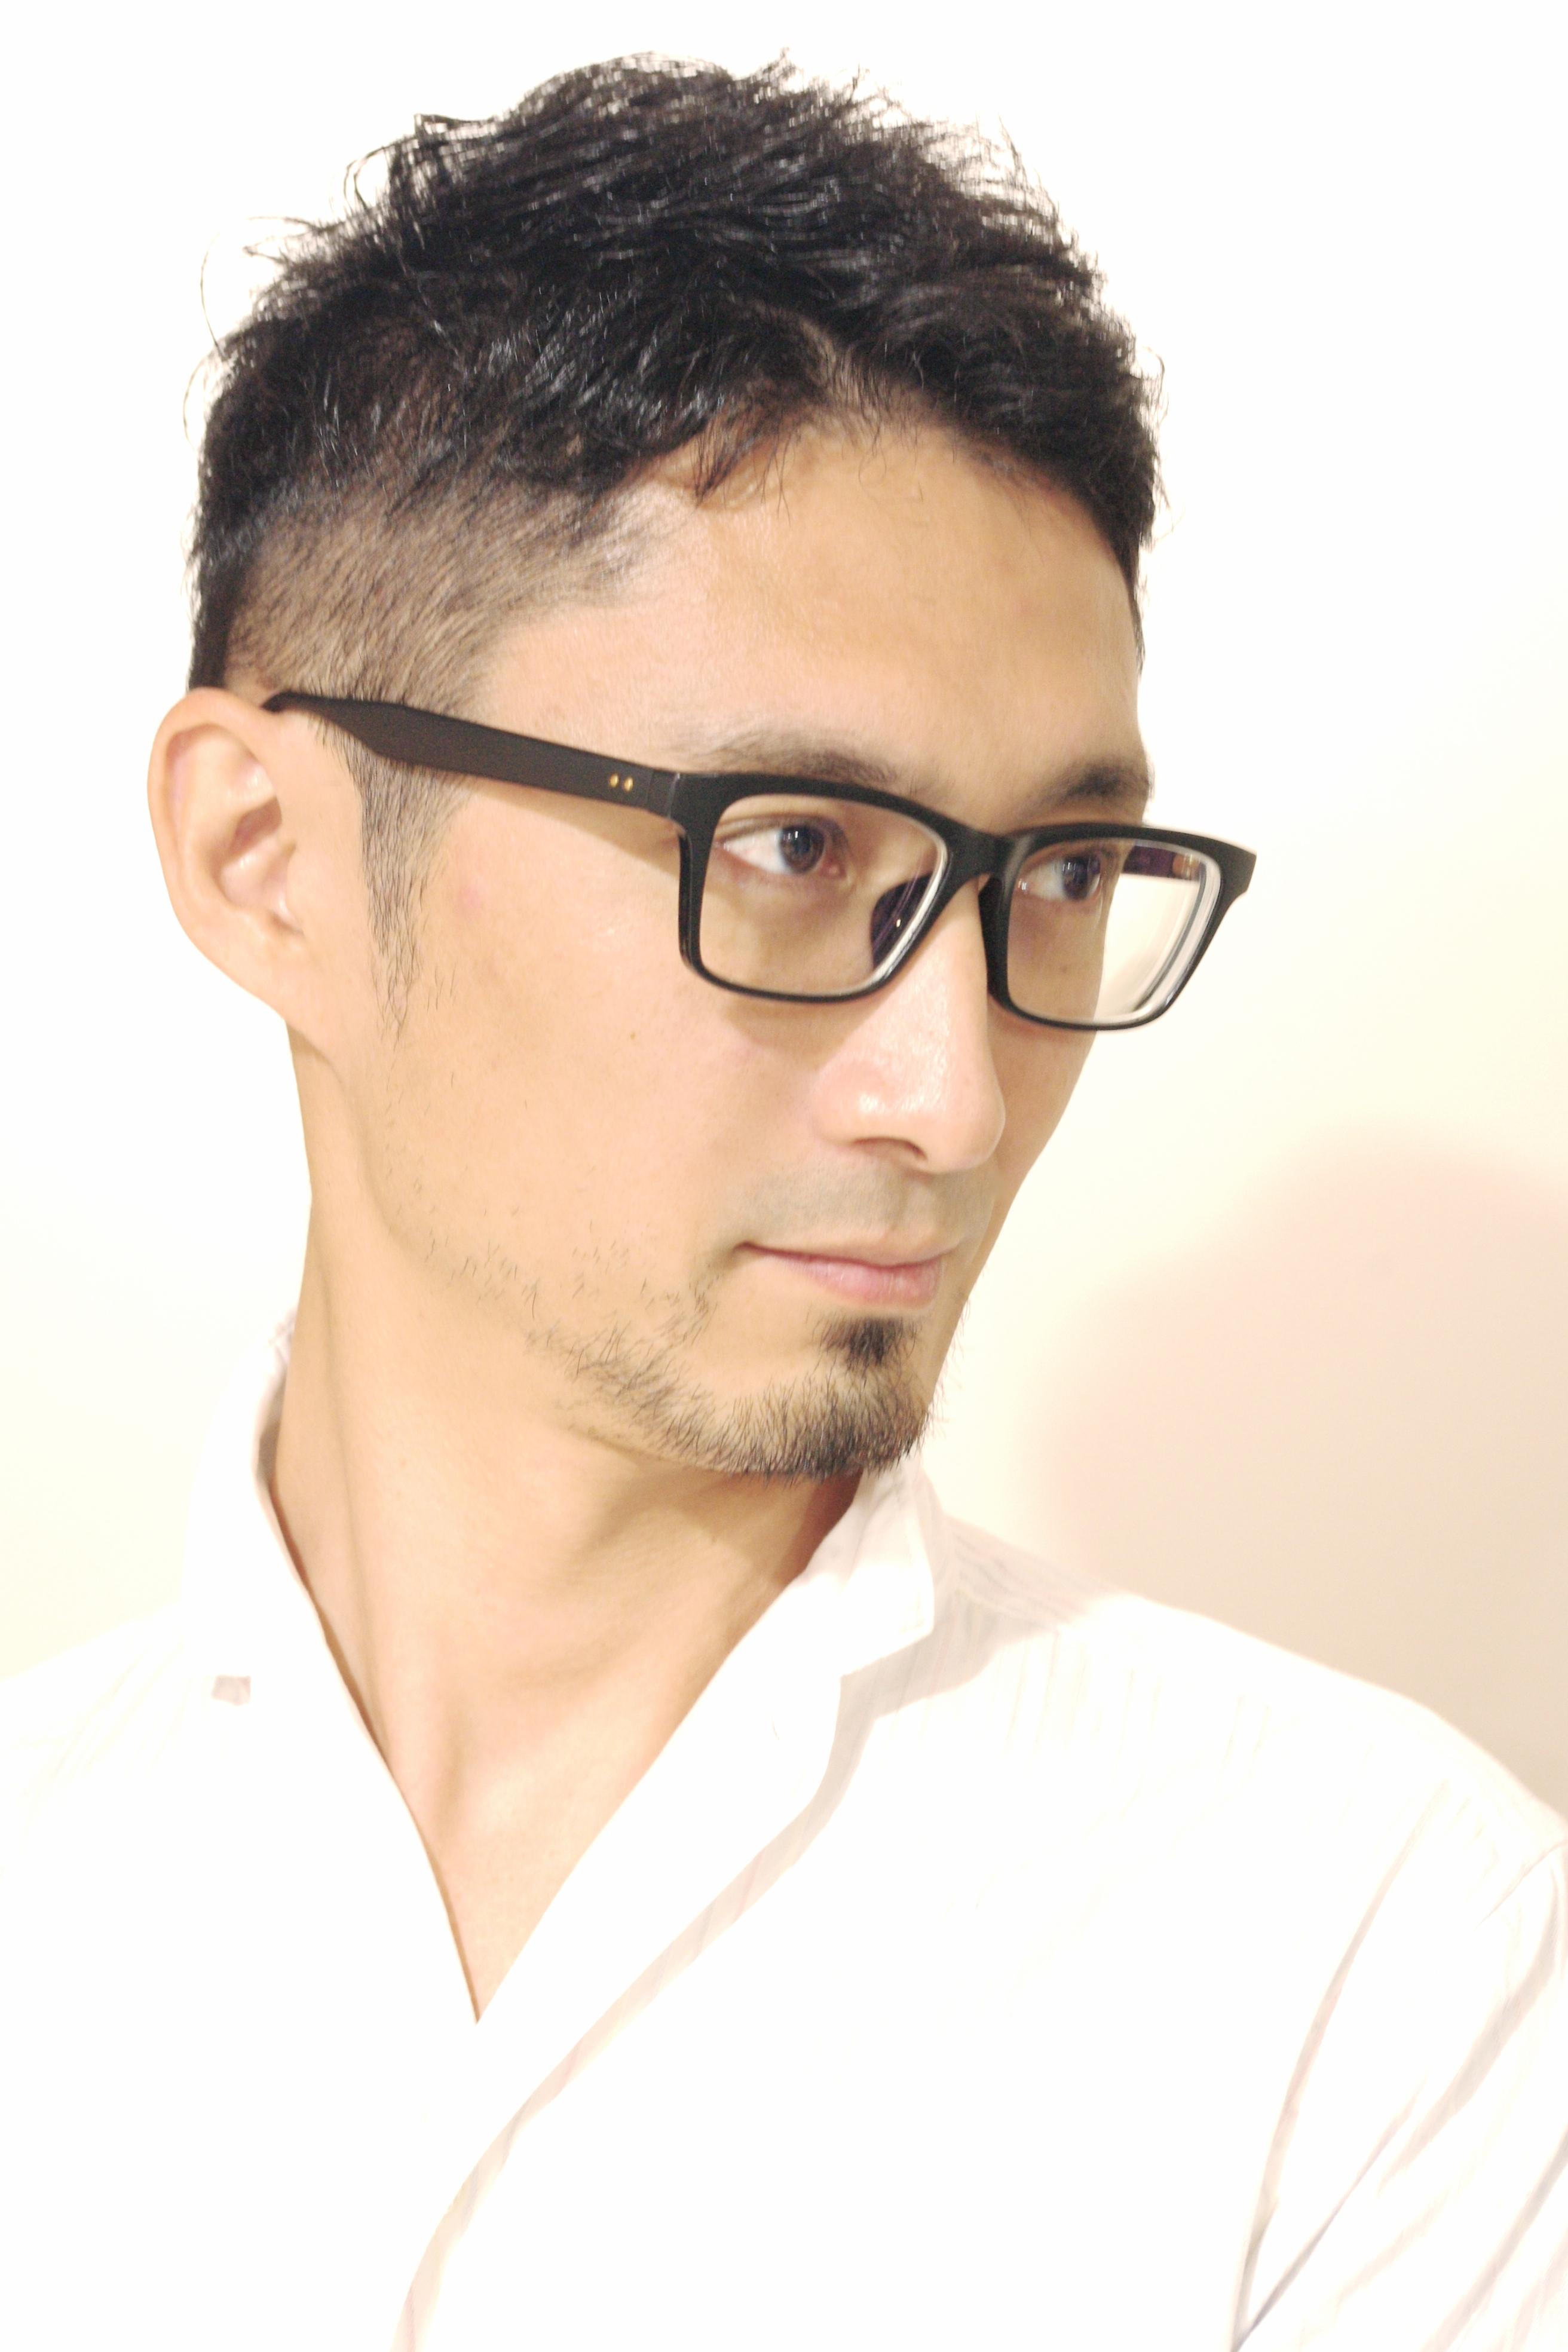 2019年夏メガネに似合う髪型】メンズショートヘア10選|メンズ